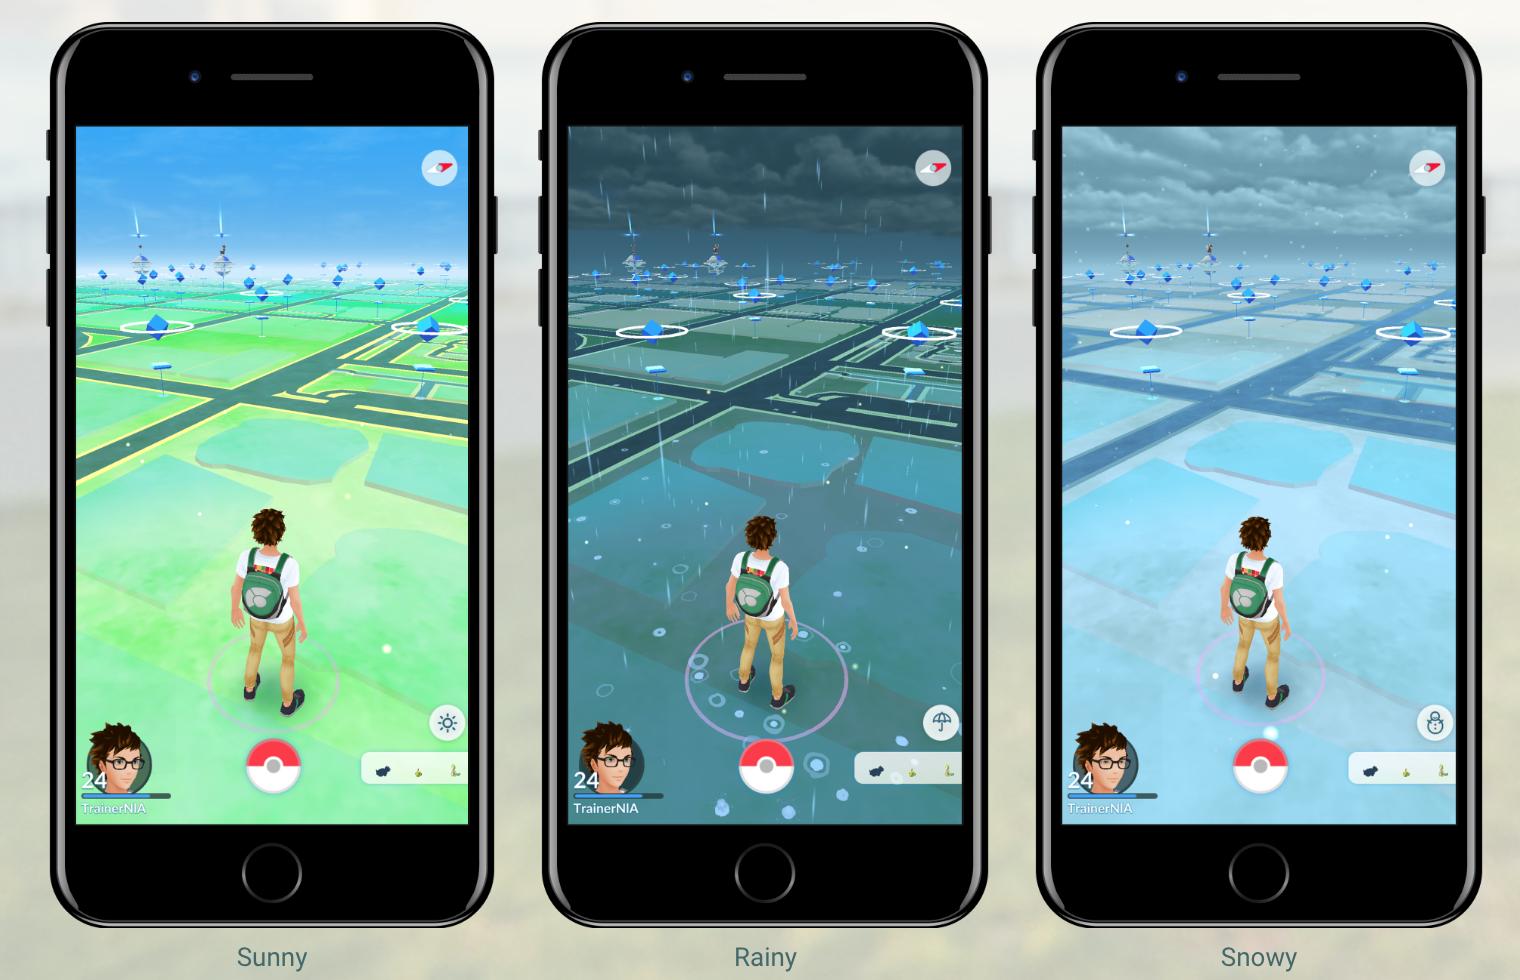 Pokémon GO weather effects